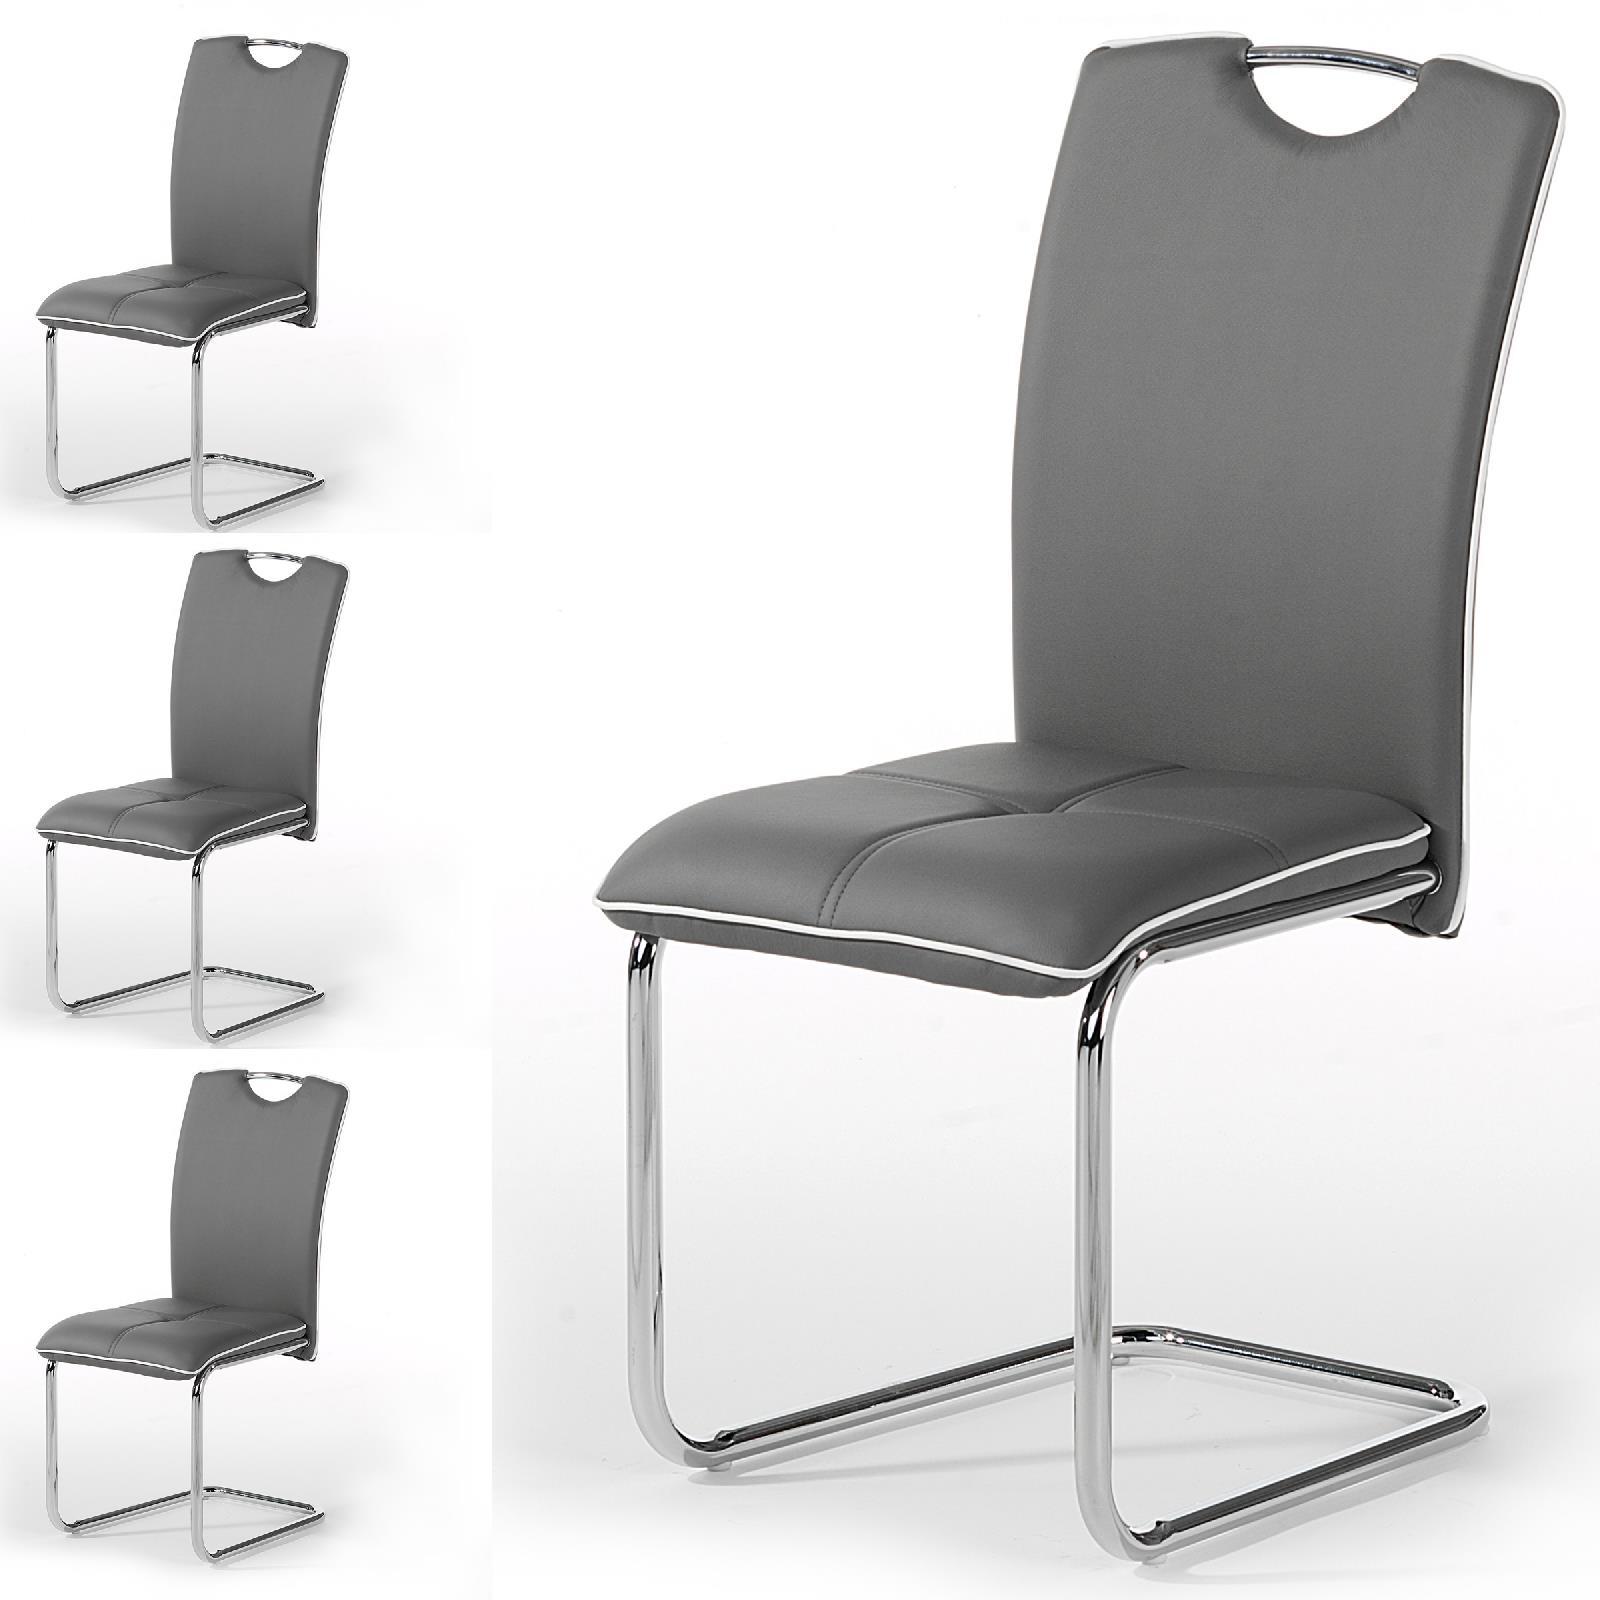 schwingstuhl leandra im 4er set in grau caro m bel. Black Bedroom Furniture Sets. Home Design Ideas